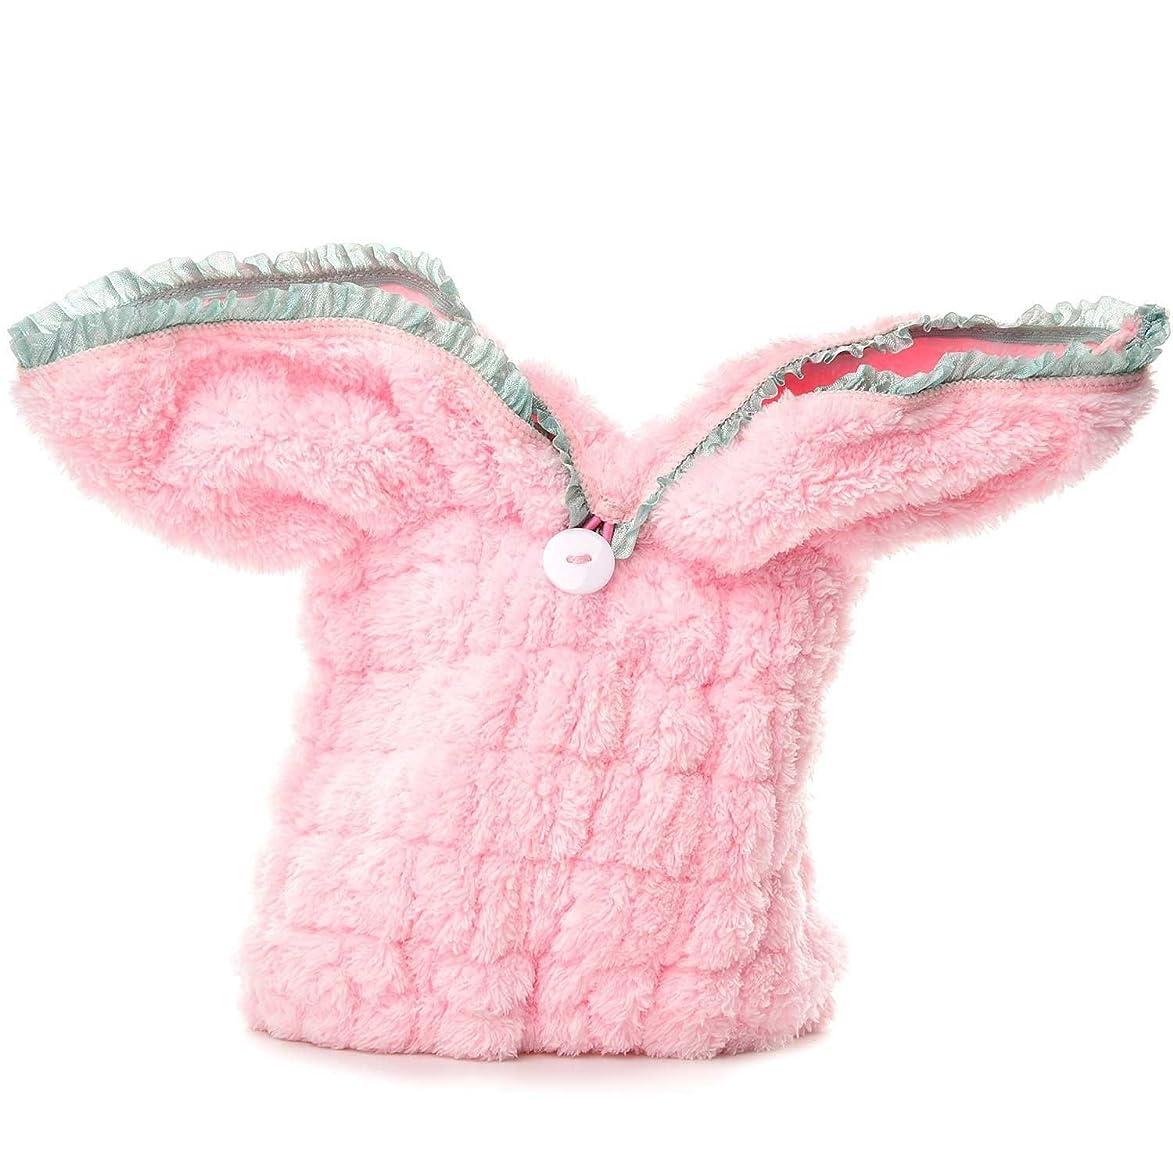 酸素バトルコンパイルドライキャップ うさみみ うさぎ キッズ ヘア ドライ キャップ タオル ヘアドライ 子供 女の子 女性 ガールズ ふんわりうさぎ 耳 可愛い かわいい ピンク 髪を乾かす 速乾性 [rinda]